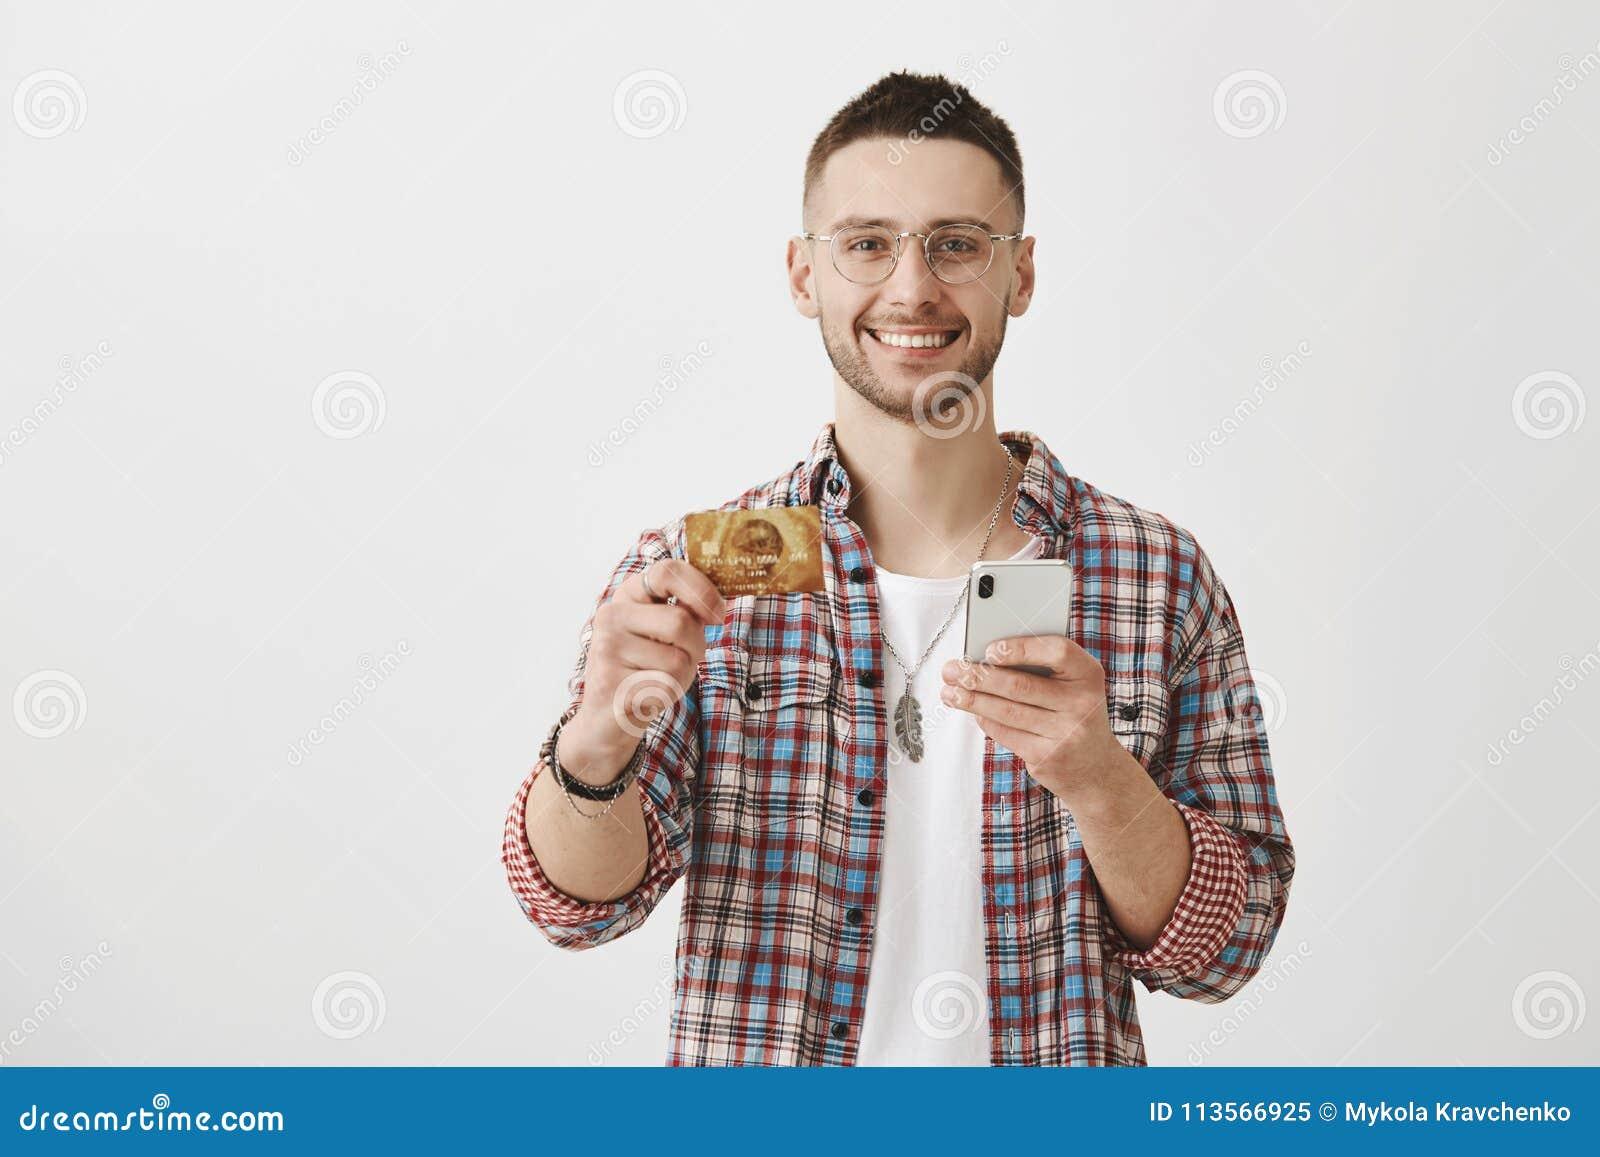 Вы должны получить эту карточку Привлекательный молодой сотрудник держа кредитную карточку и smartphone, усмехаясь обширно на